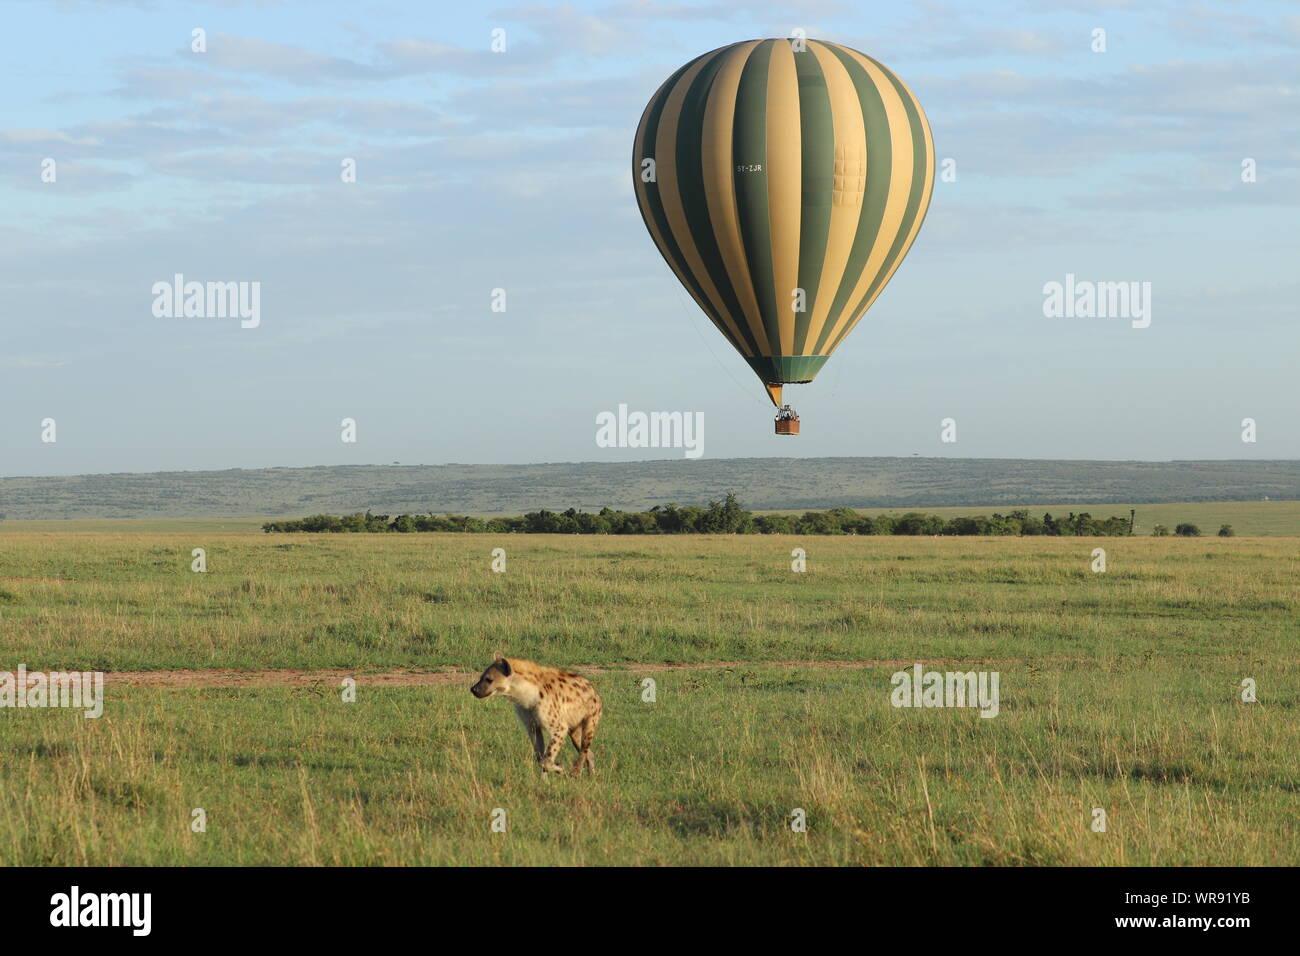 Spotted hyena and hot air balloon in the savannah, Masai Mara National Park, Kenya. Stock Photo